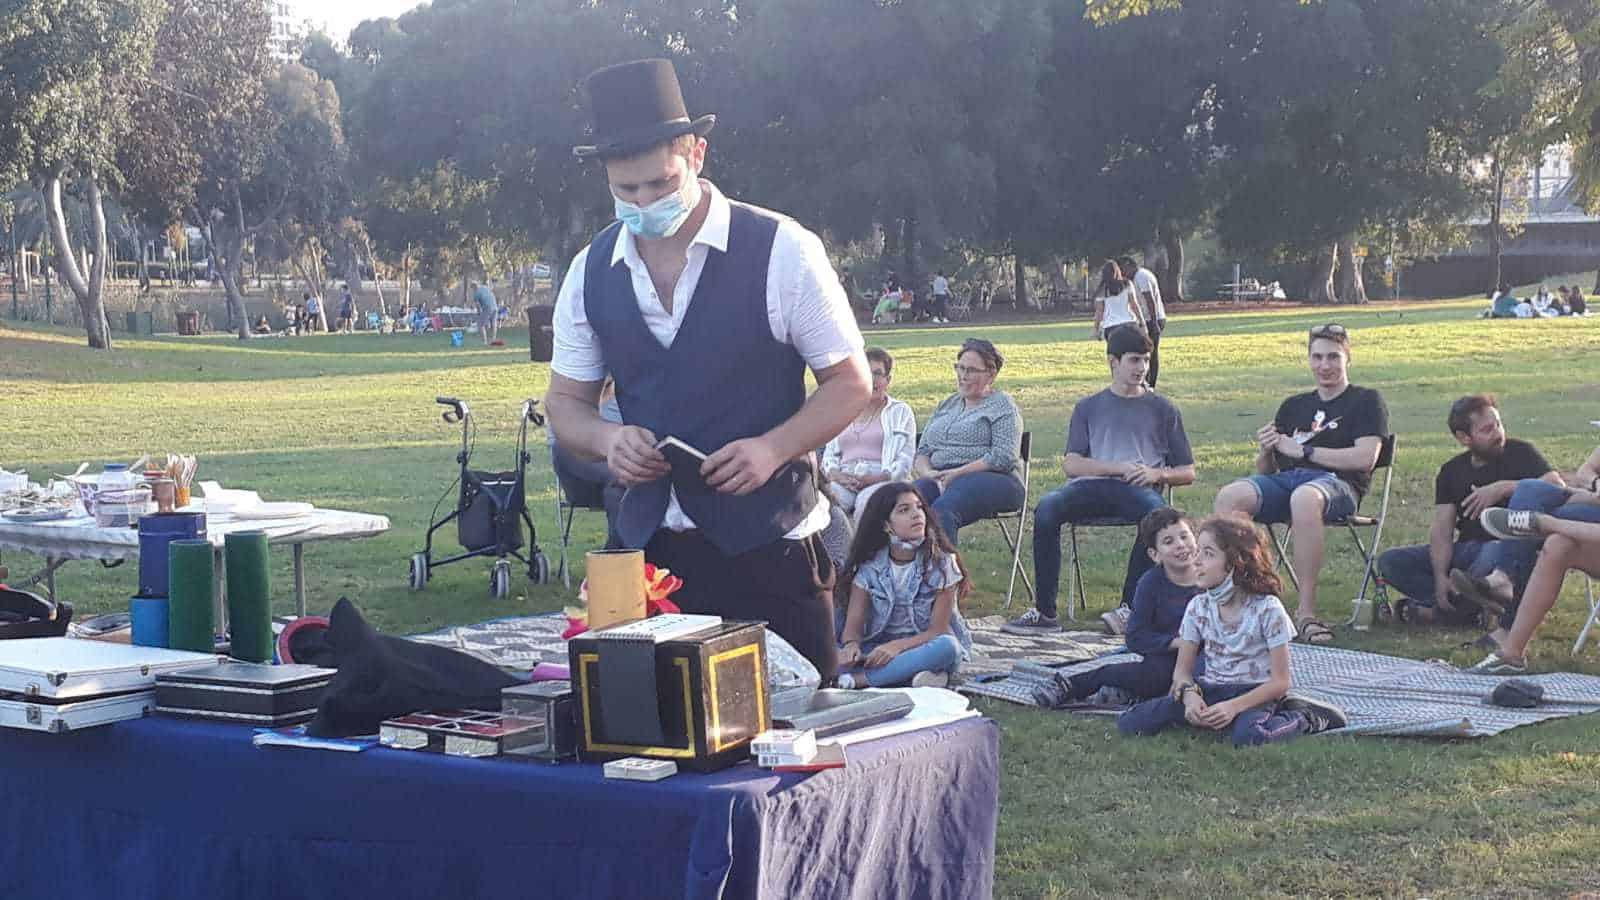 אילון הקוסם מכין את המופע